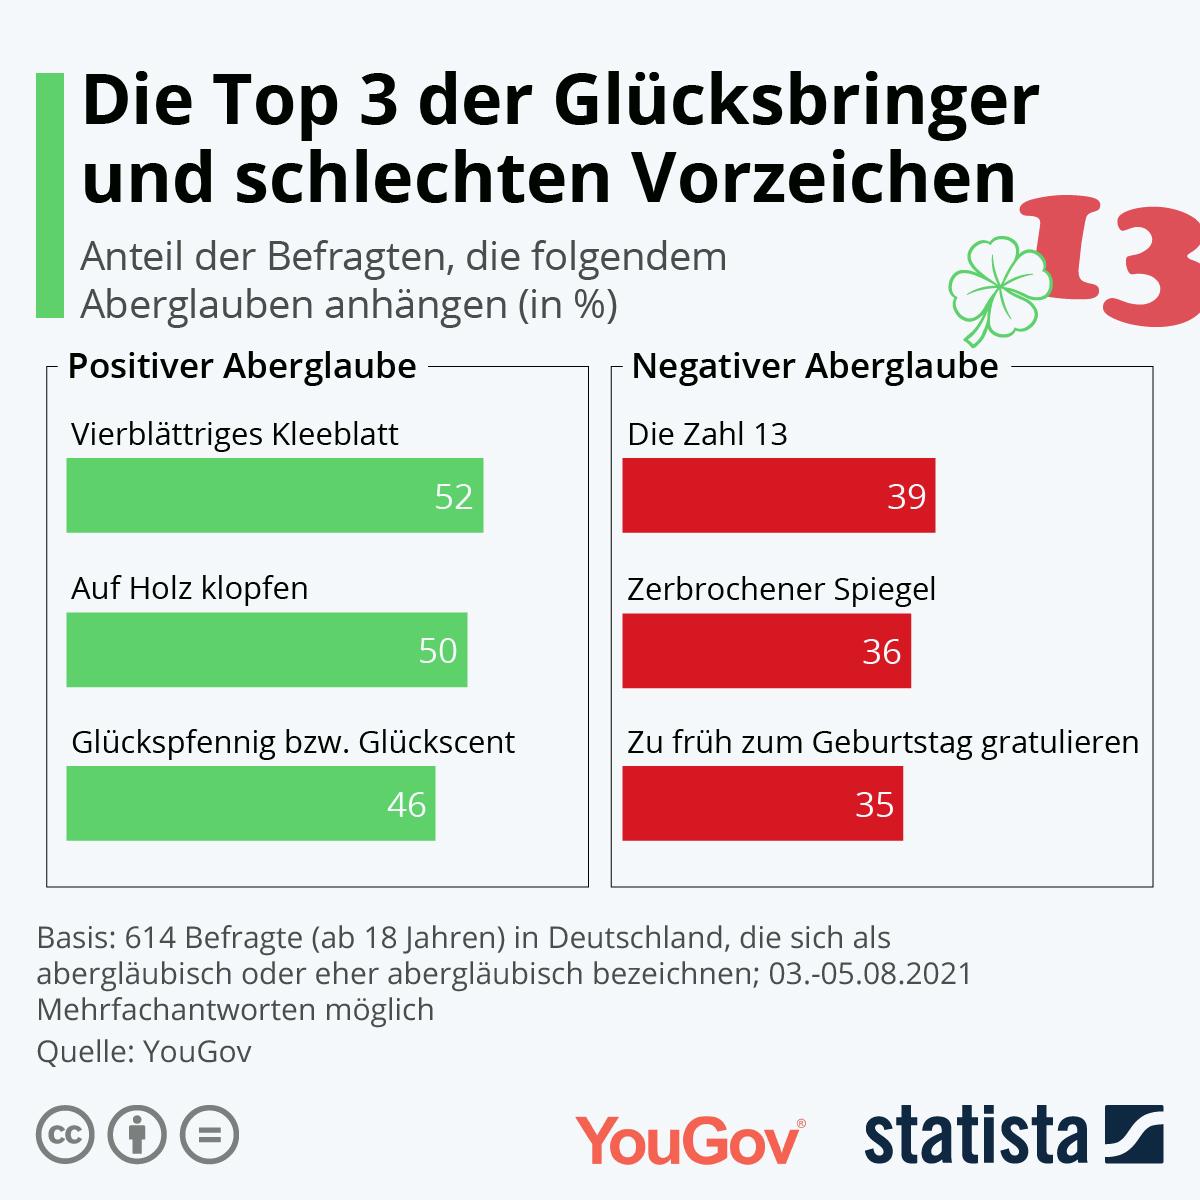 Welche sind die häufigsten Aberglauben in Deutschland?